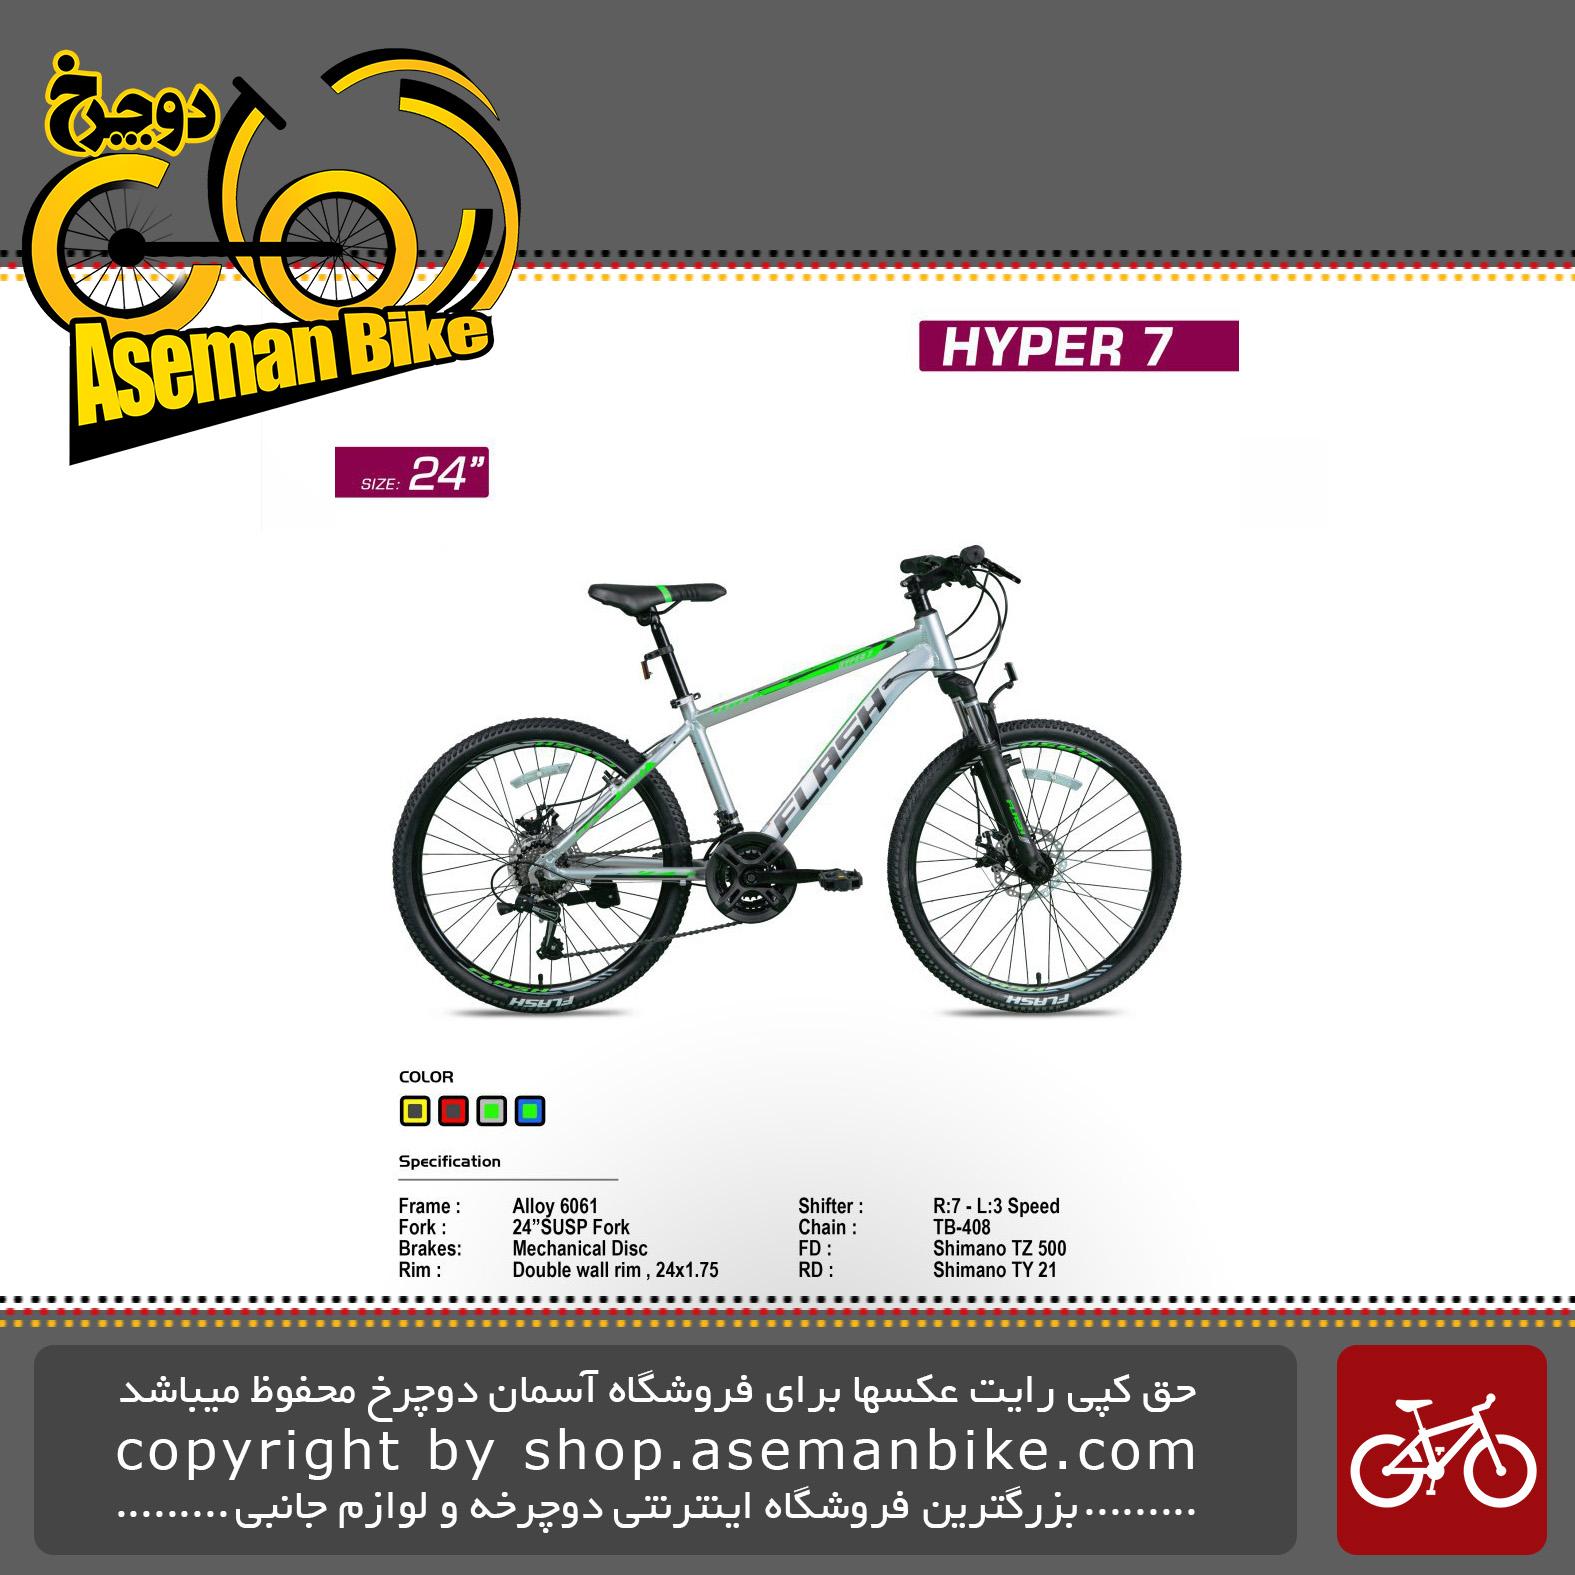 دوچرخه کوهستان برند فلش طرح هایپر 7 21 دنده سایز 24 2019 Flash Mountain Bicycle Hyper 24 21 Speed